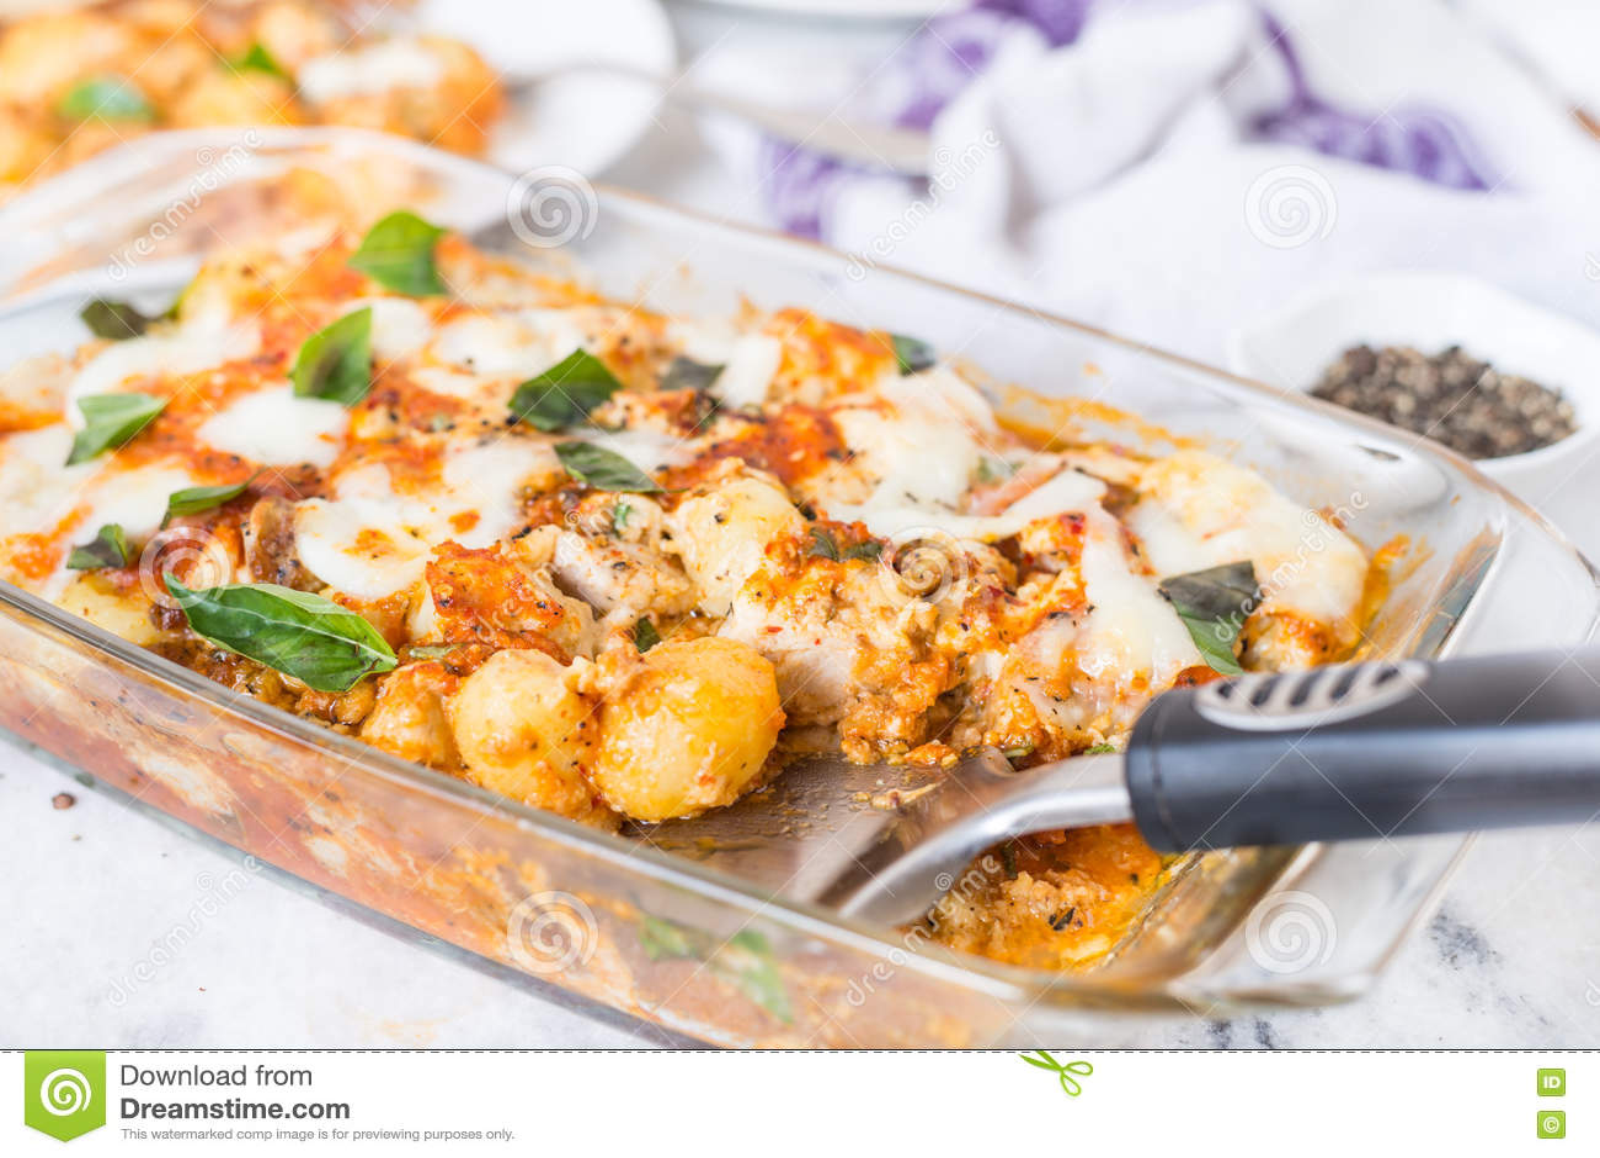 Kartoffel rezepte zum fruhstuck